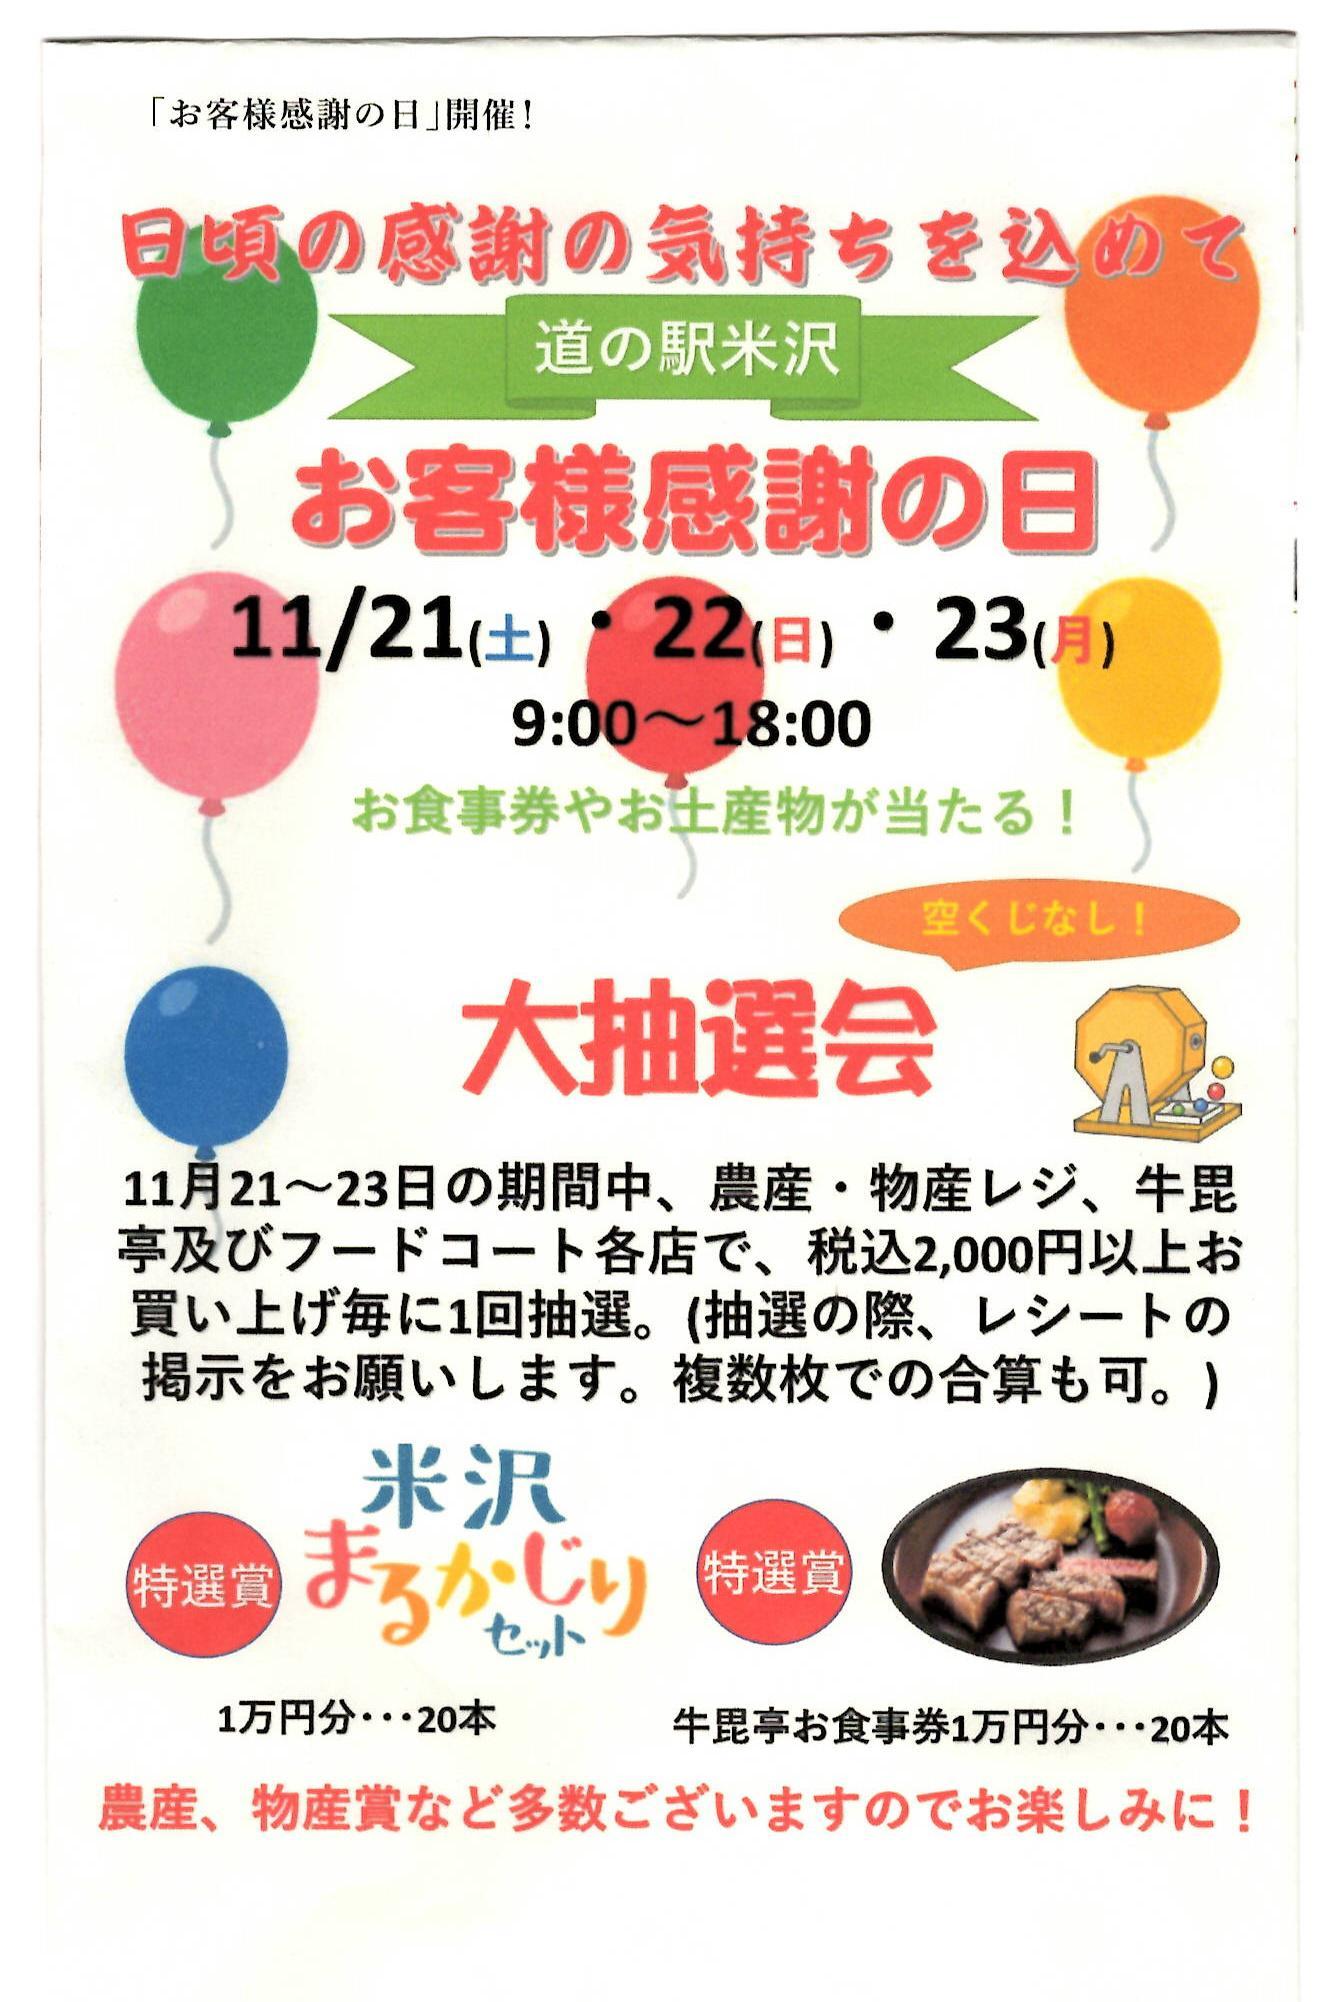 Michi no Eki Yonezawa Customer Appreciation Days!